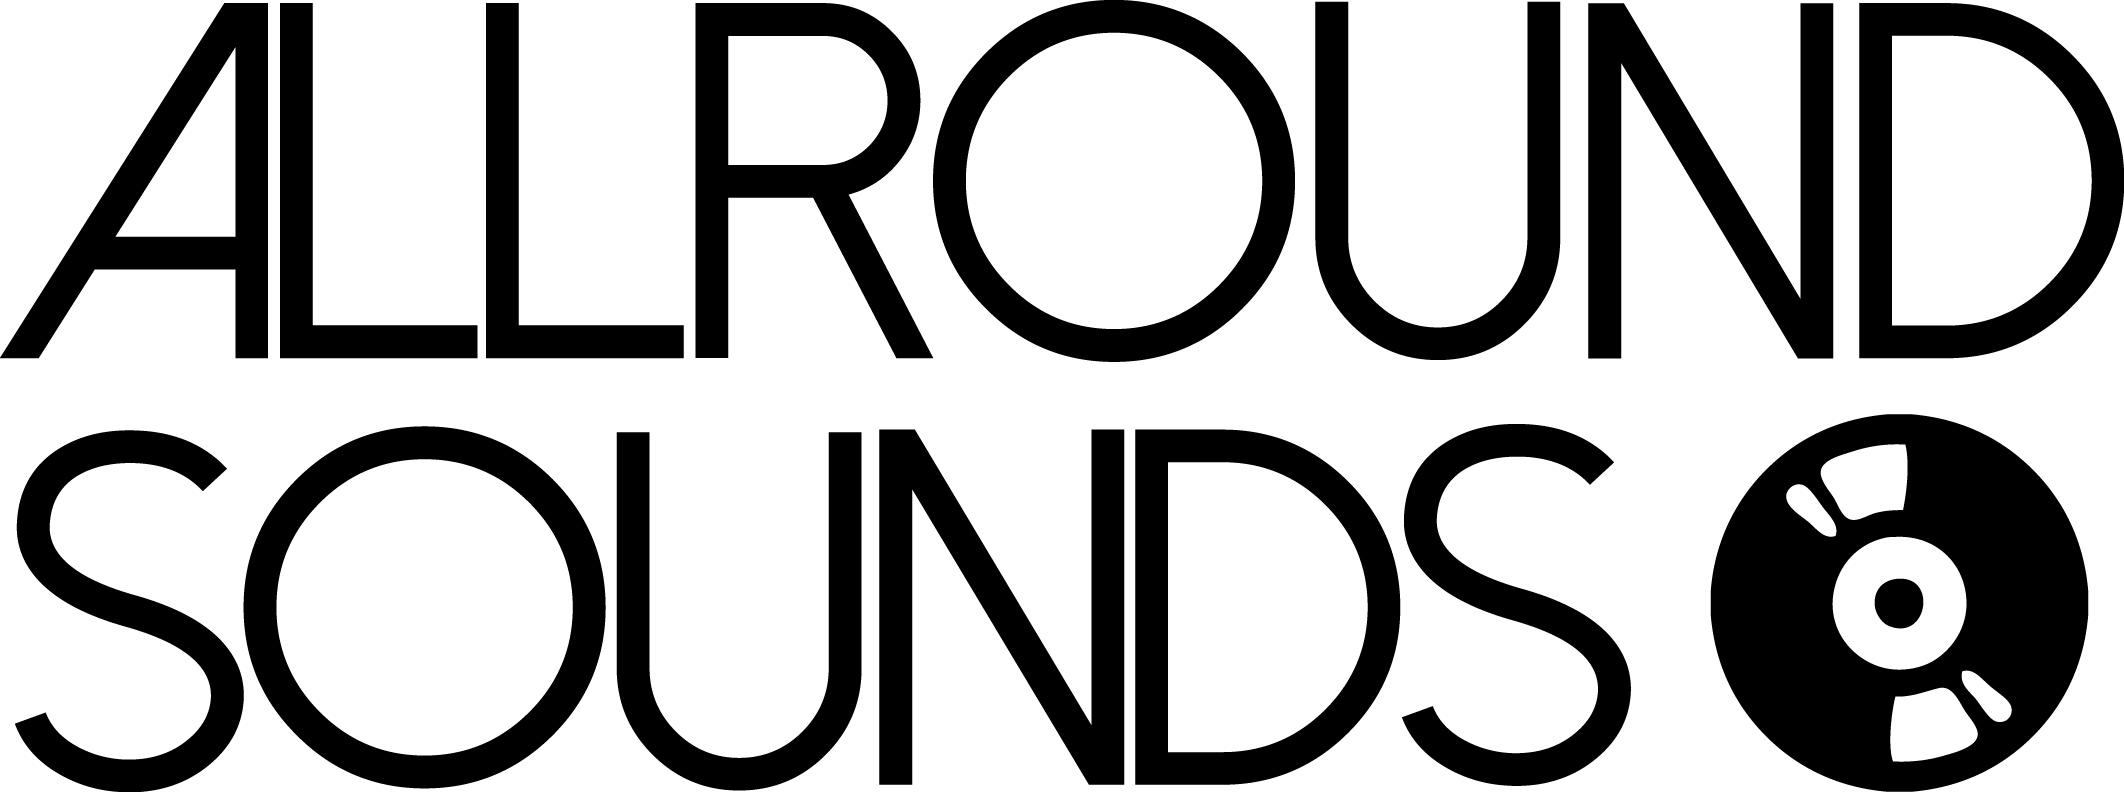 Allround Sounds Veranstaltungstechnik